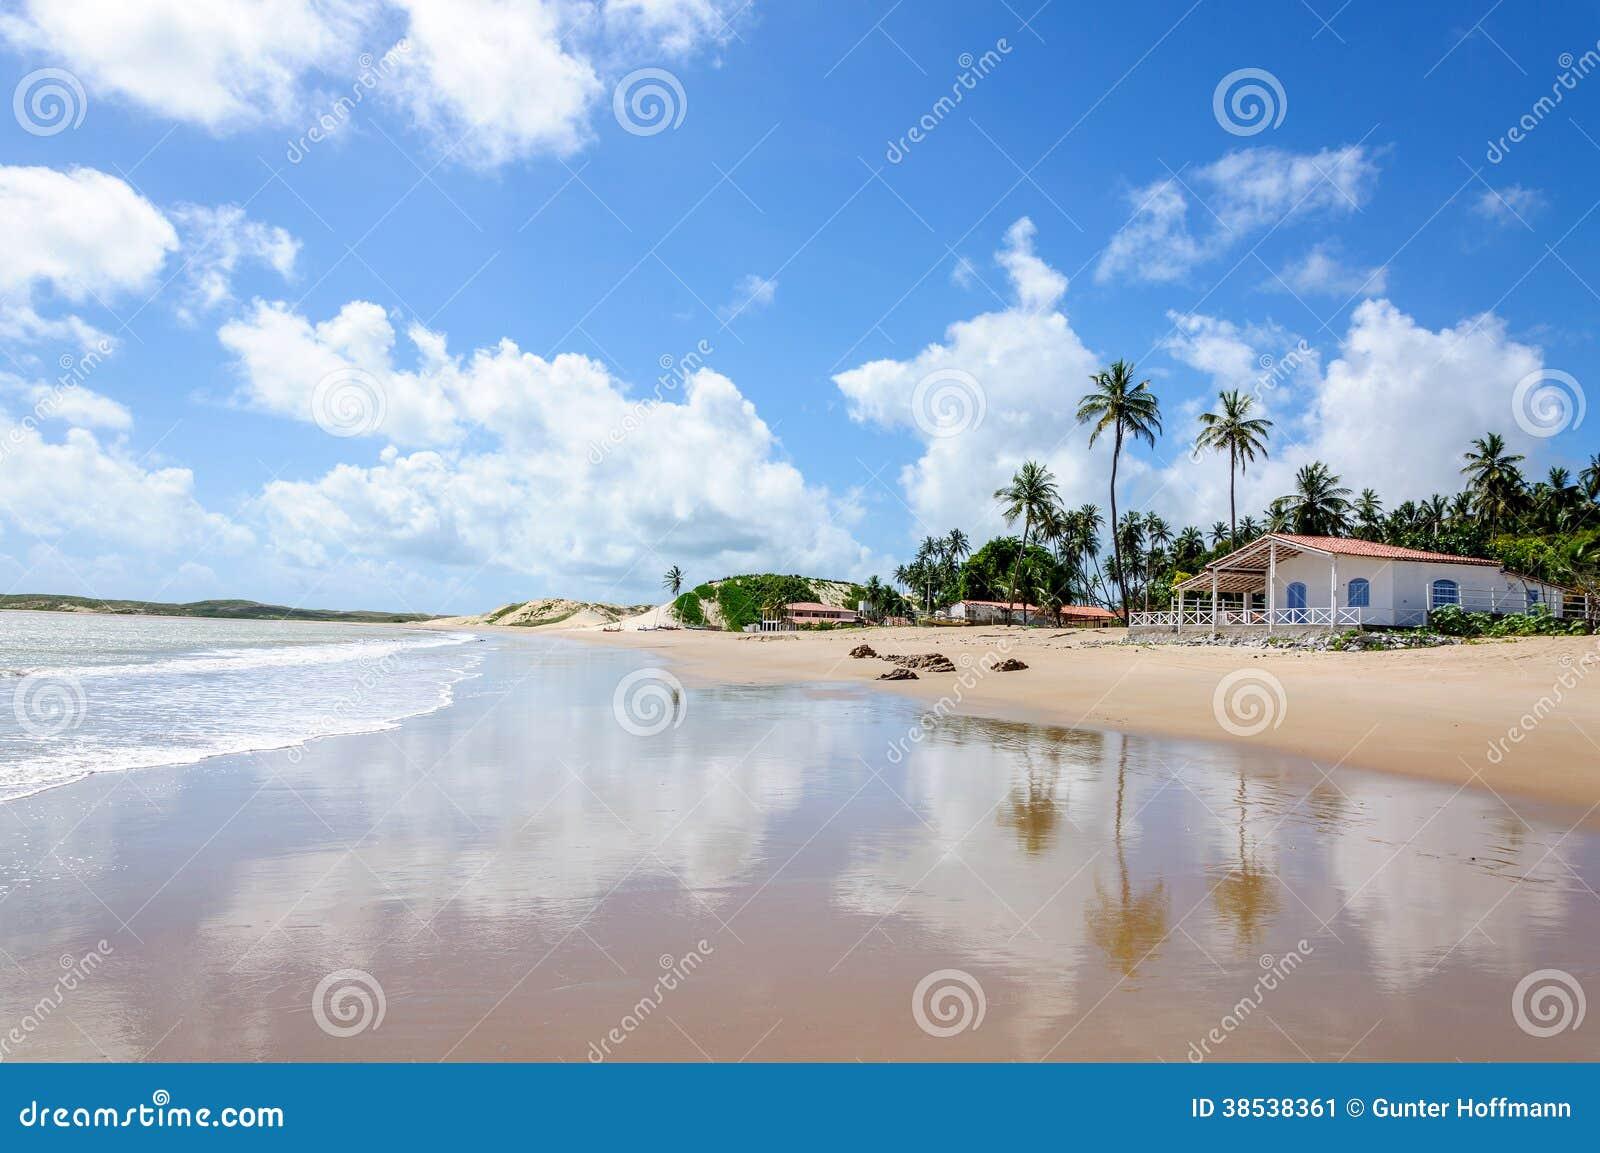 Strand met zandduinen en huis, Pititinga, Geboorte (Brazilië)